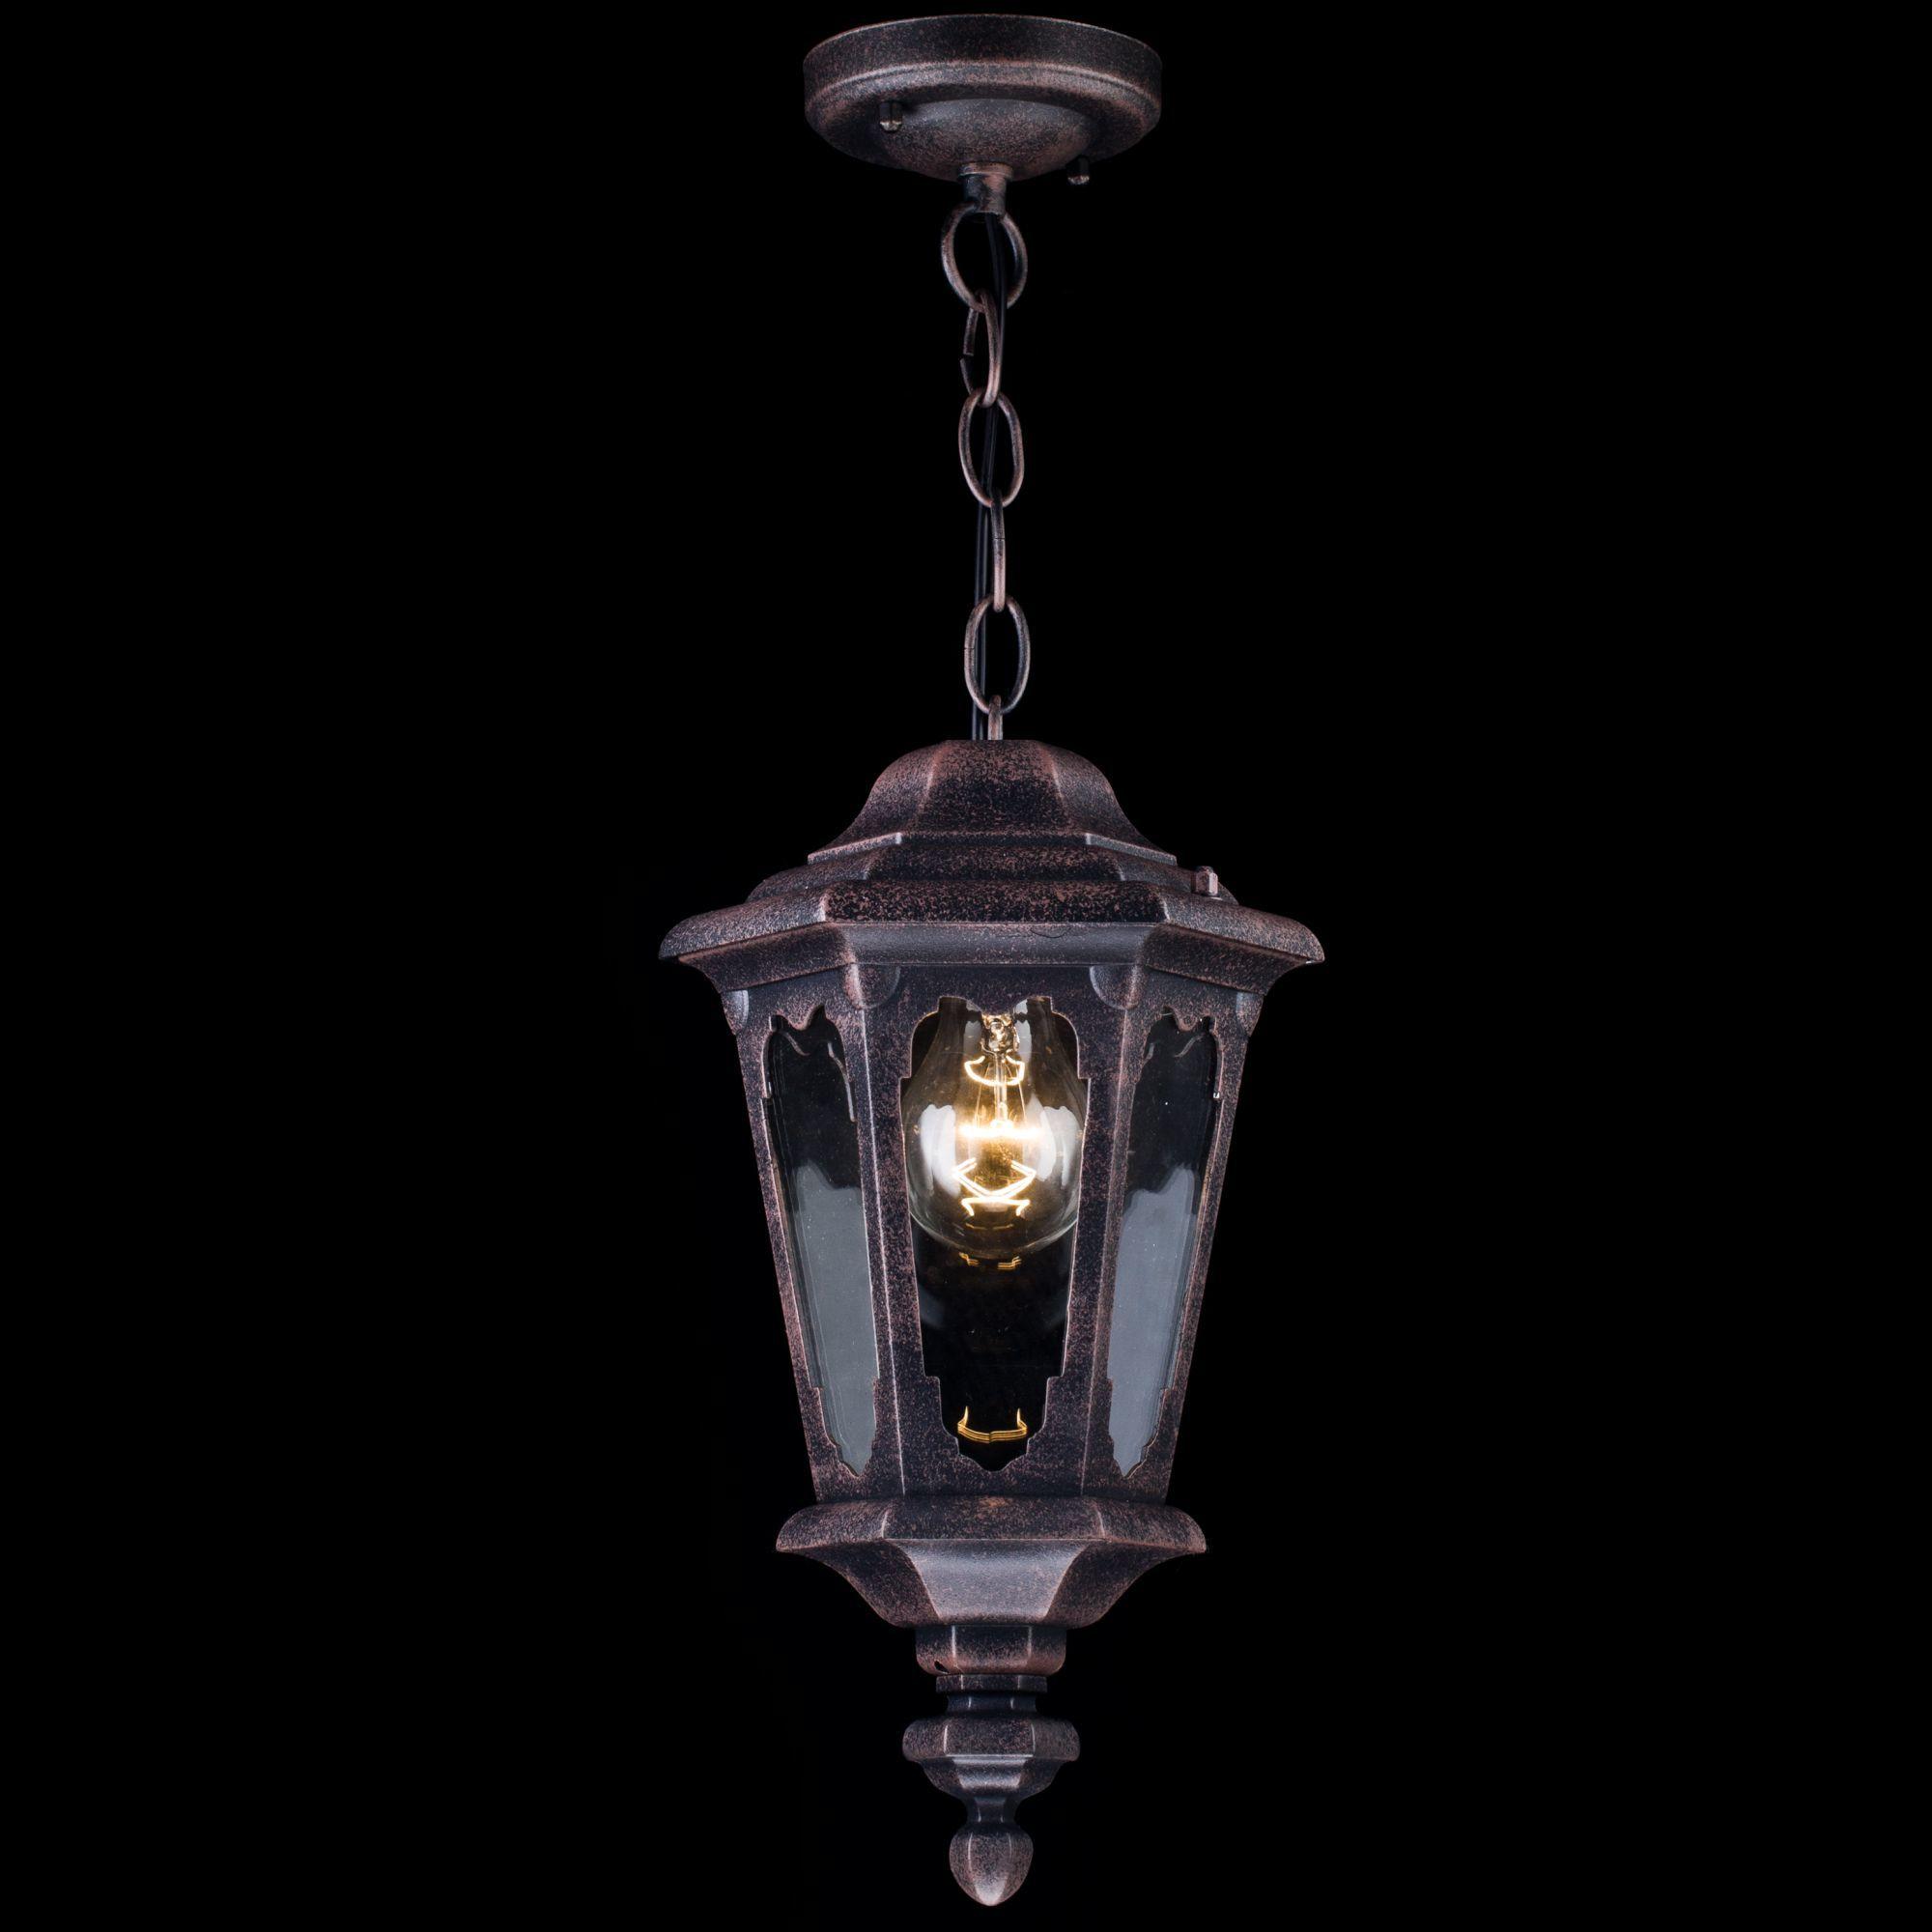 Подвесной светильник Maytoni Oxford S101-10-41-B, IP44, 1xE27x60W, черный, прозрачный, металл, металл со стеклом - фото 4